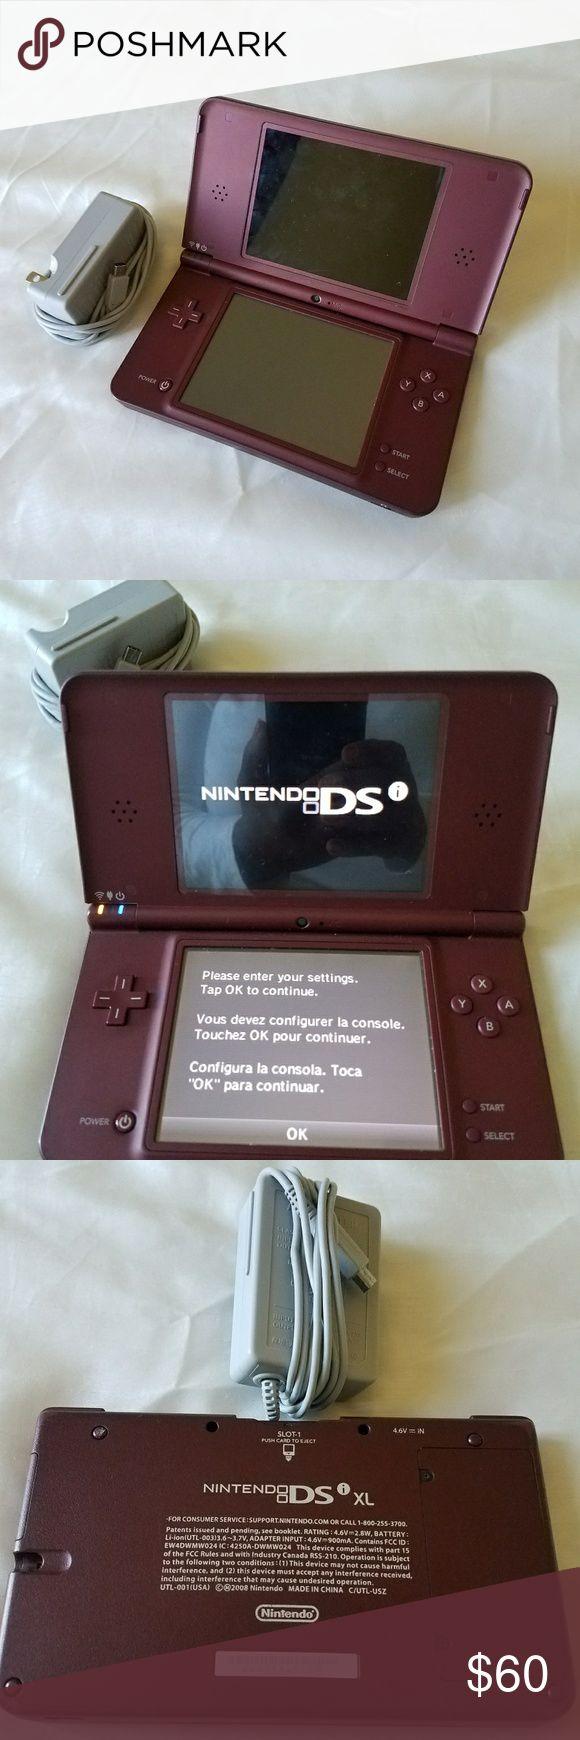 Nintendo DSi XL Nintendo DSi XL, excellent condition Nintendo Other